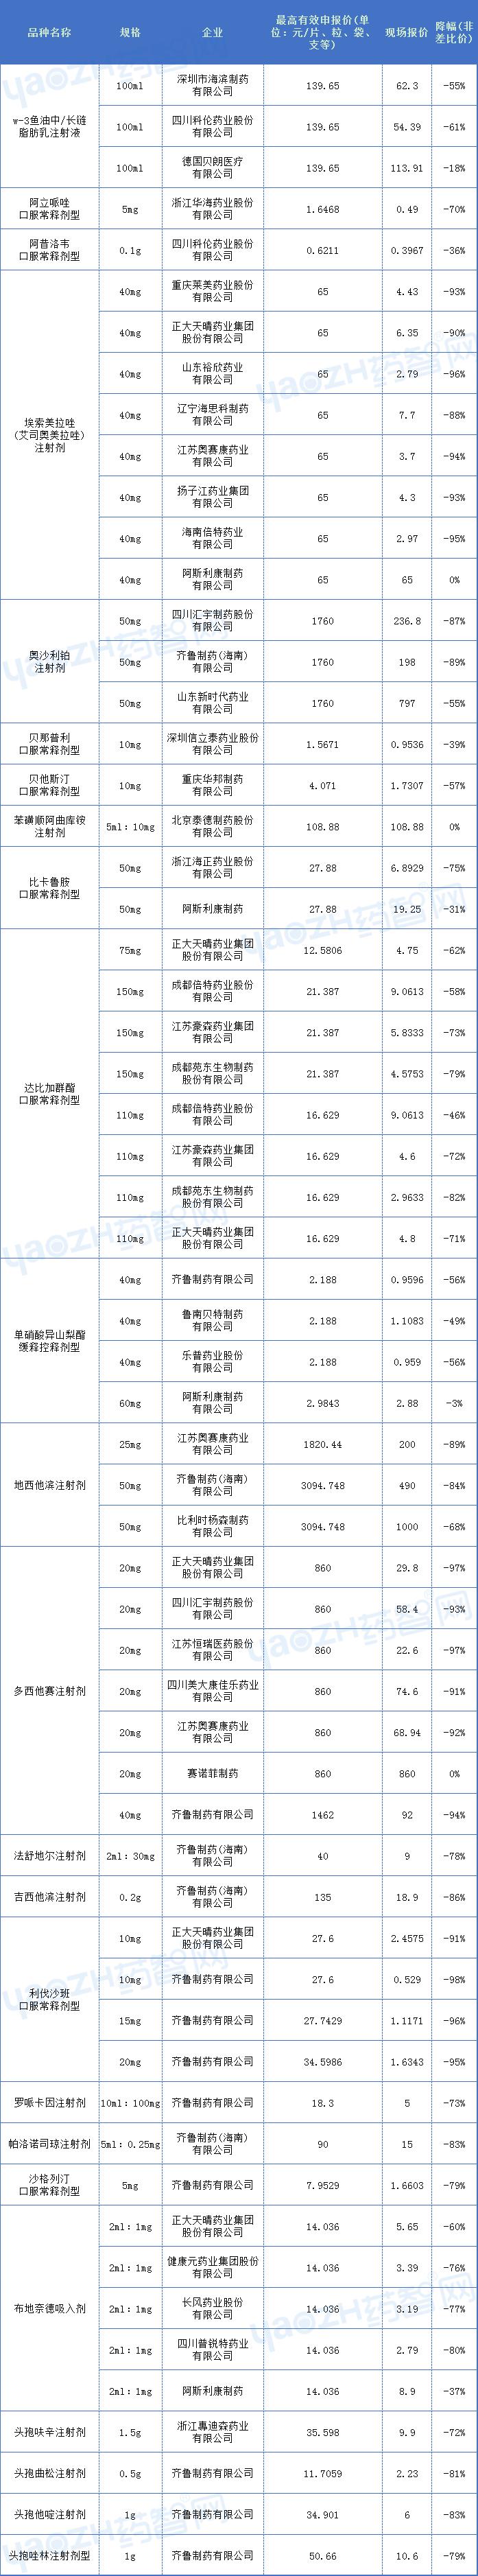 第五批集采开标!齐鲁、科伦各11个产品中标,最高降幅达98%;恒瑞、阿斯利康...